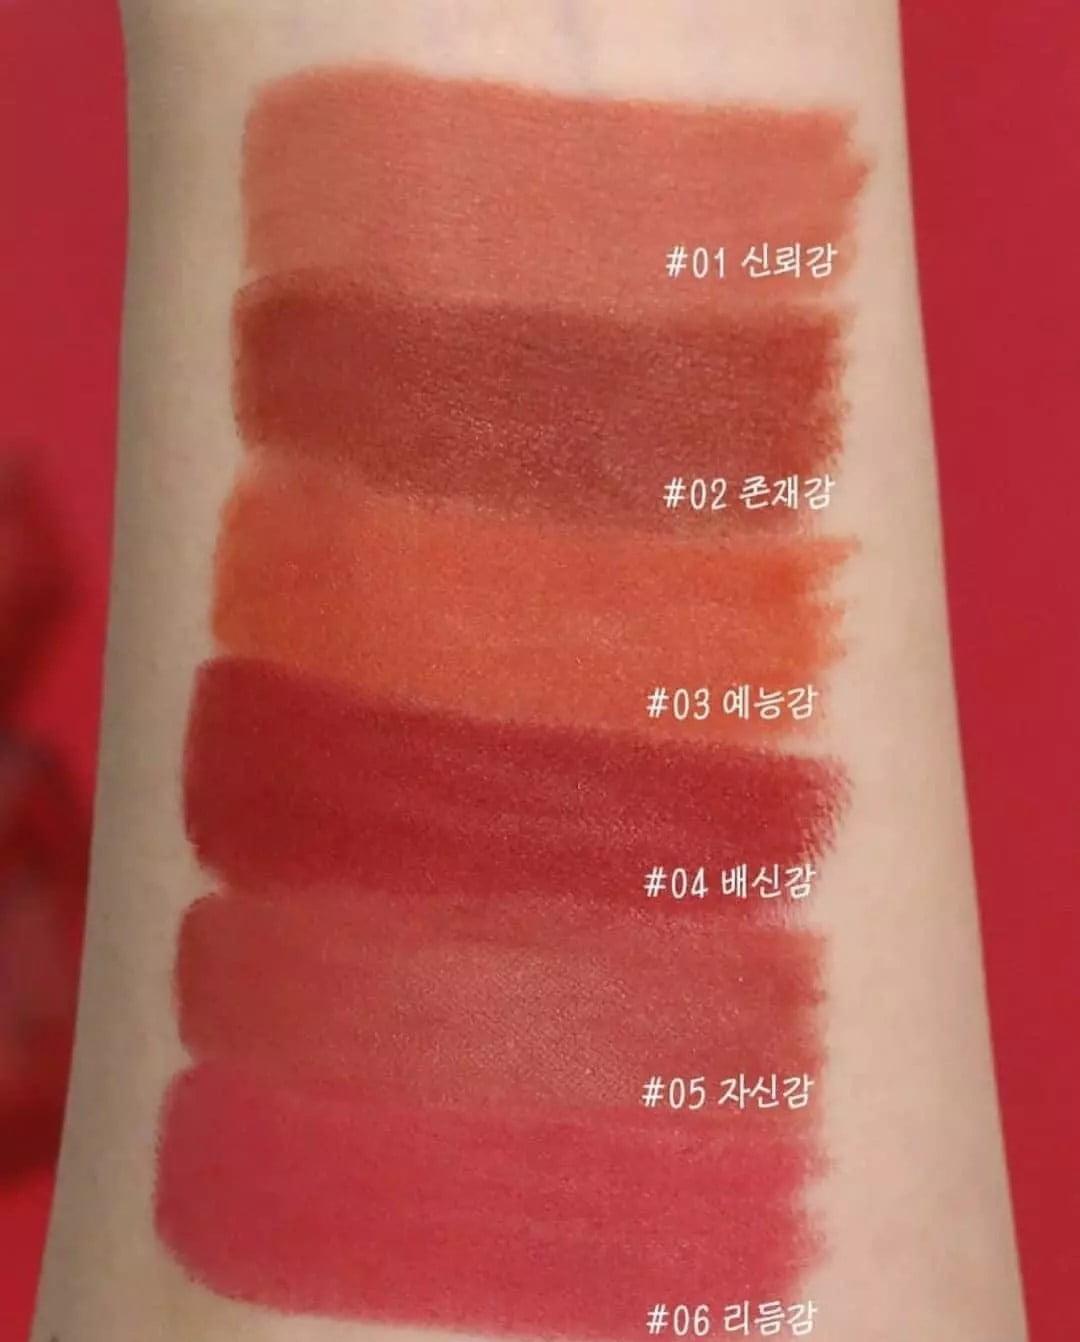 Bảng màu của son thỏi lì Hàn Quốc Bbia 05 với những màu sắc hot và dễ dùng